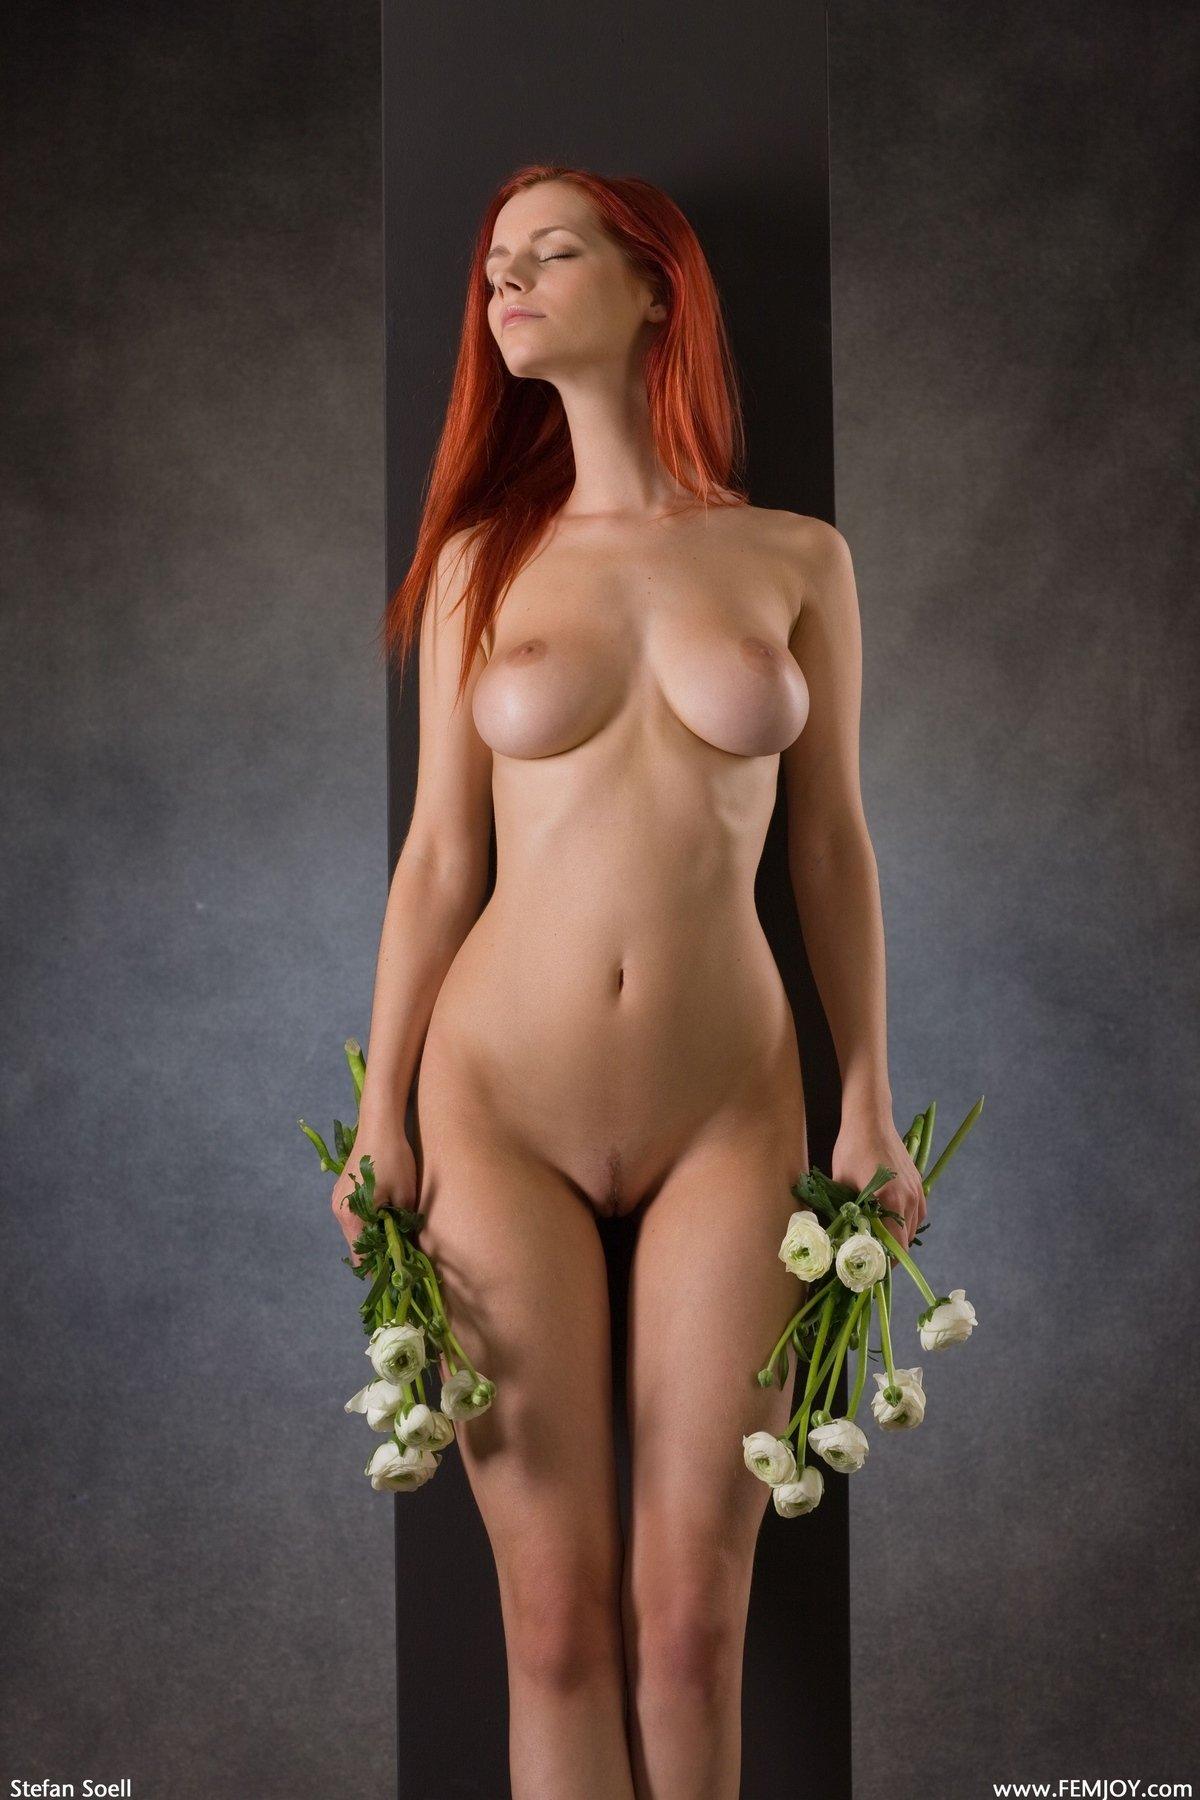 Девка с роскошной фигурой и прекрасными волосами